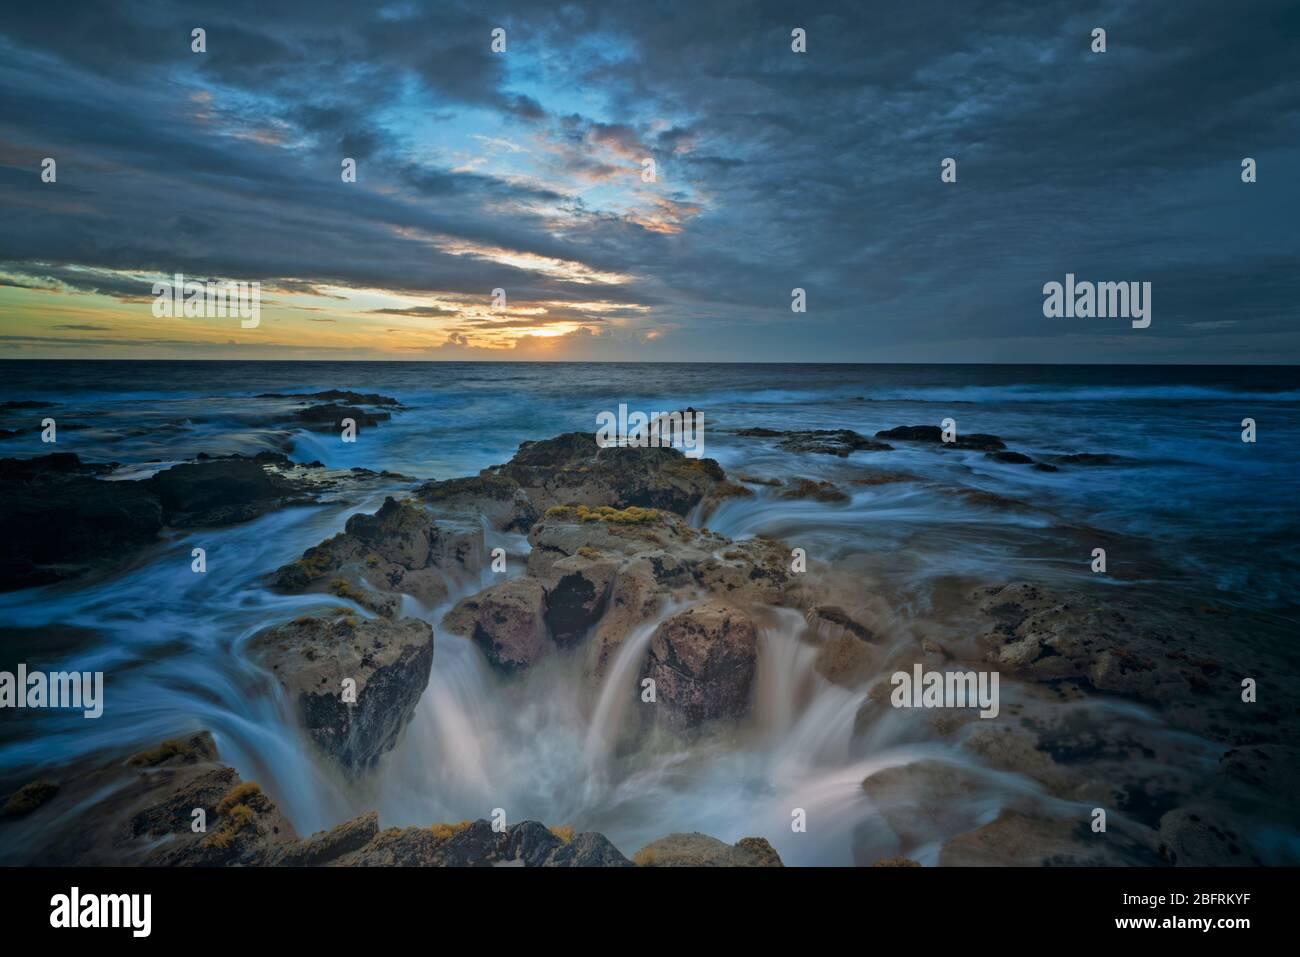 Les dernières couleurs du coucher du soleil illuminent le tube de lave connu sous le nom de Pele's well près de Wawaloli Beach sur la Grande île d'Hawaï. Banque D'Images